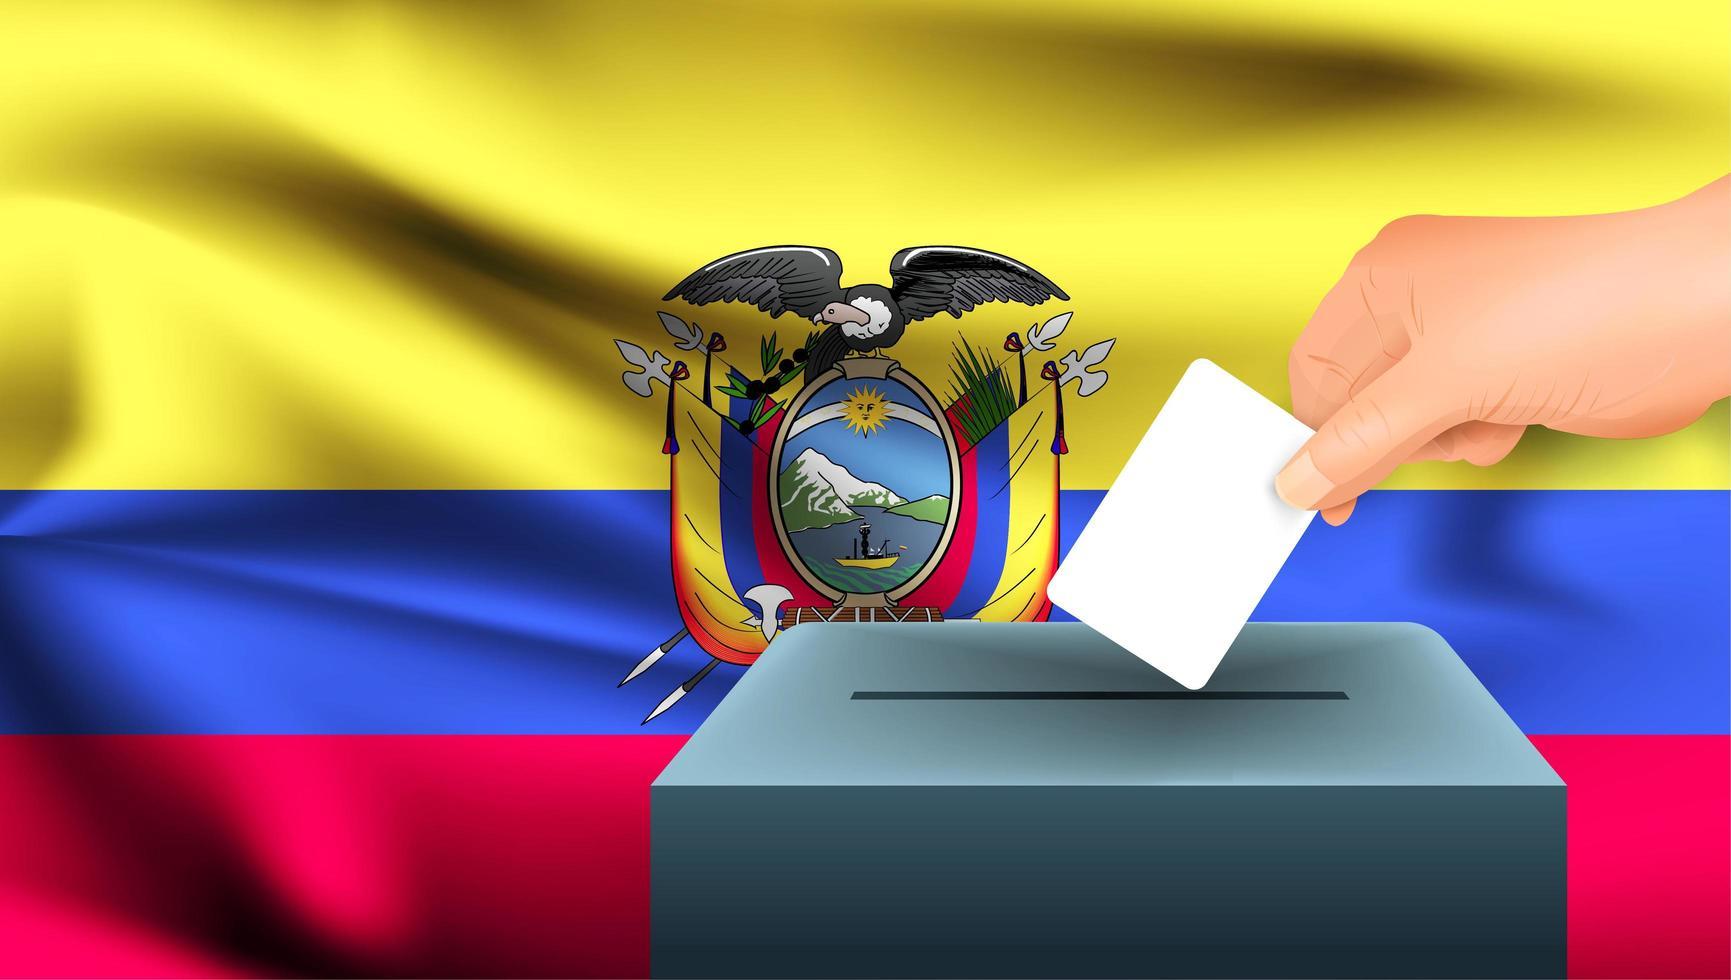 Mano poniendo papeleta en urna con bandera ecuatoriana vector